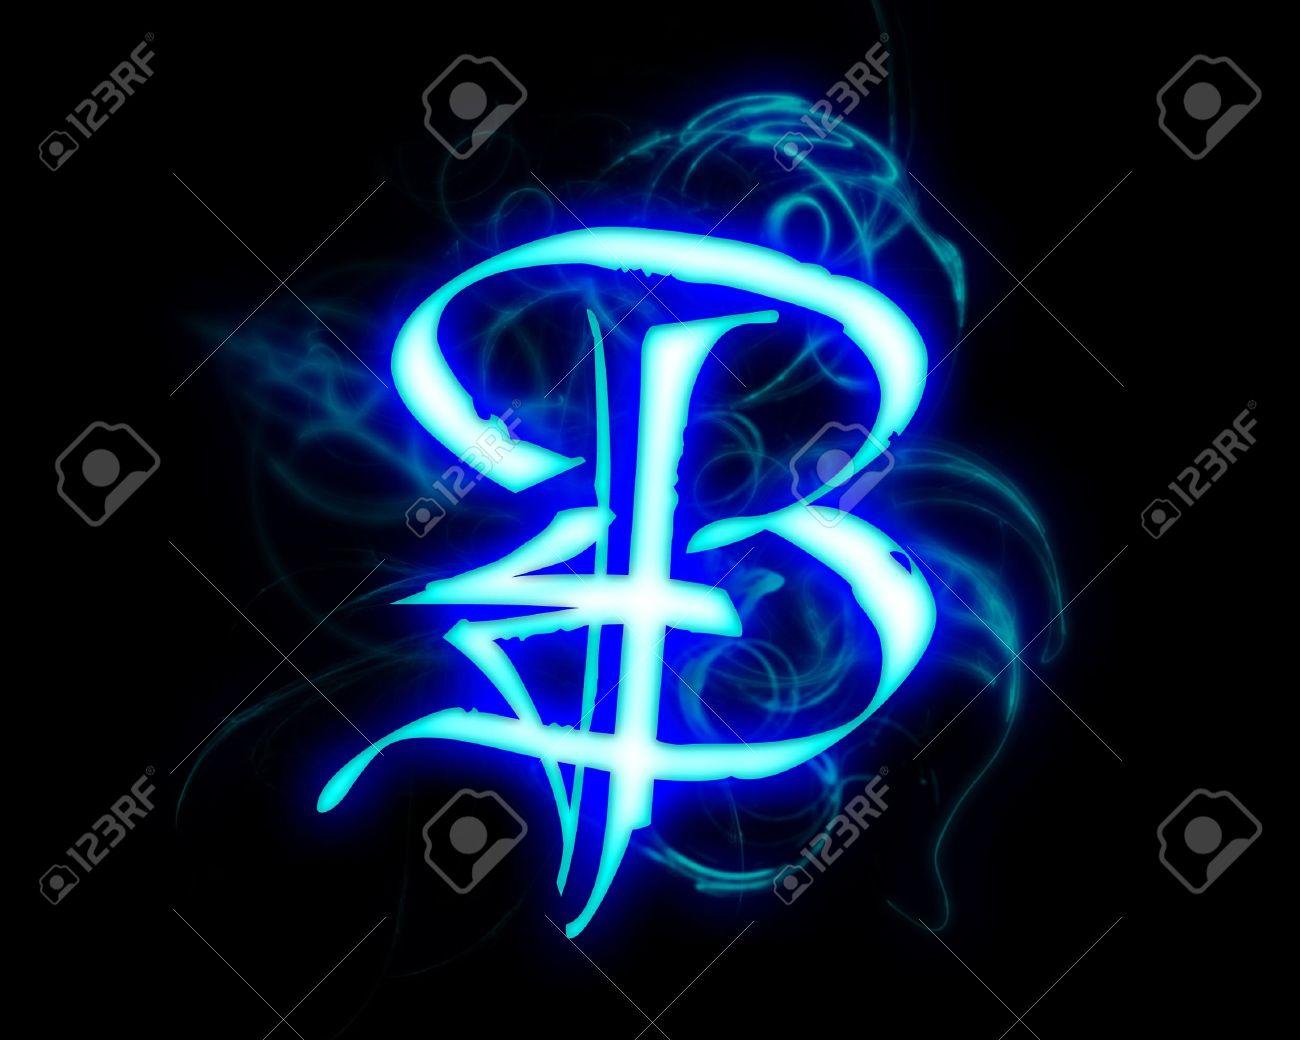 B Letter In Fire Letter B